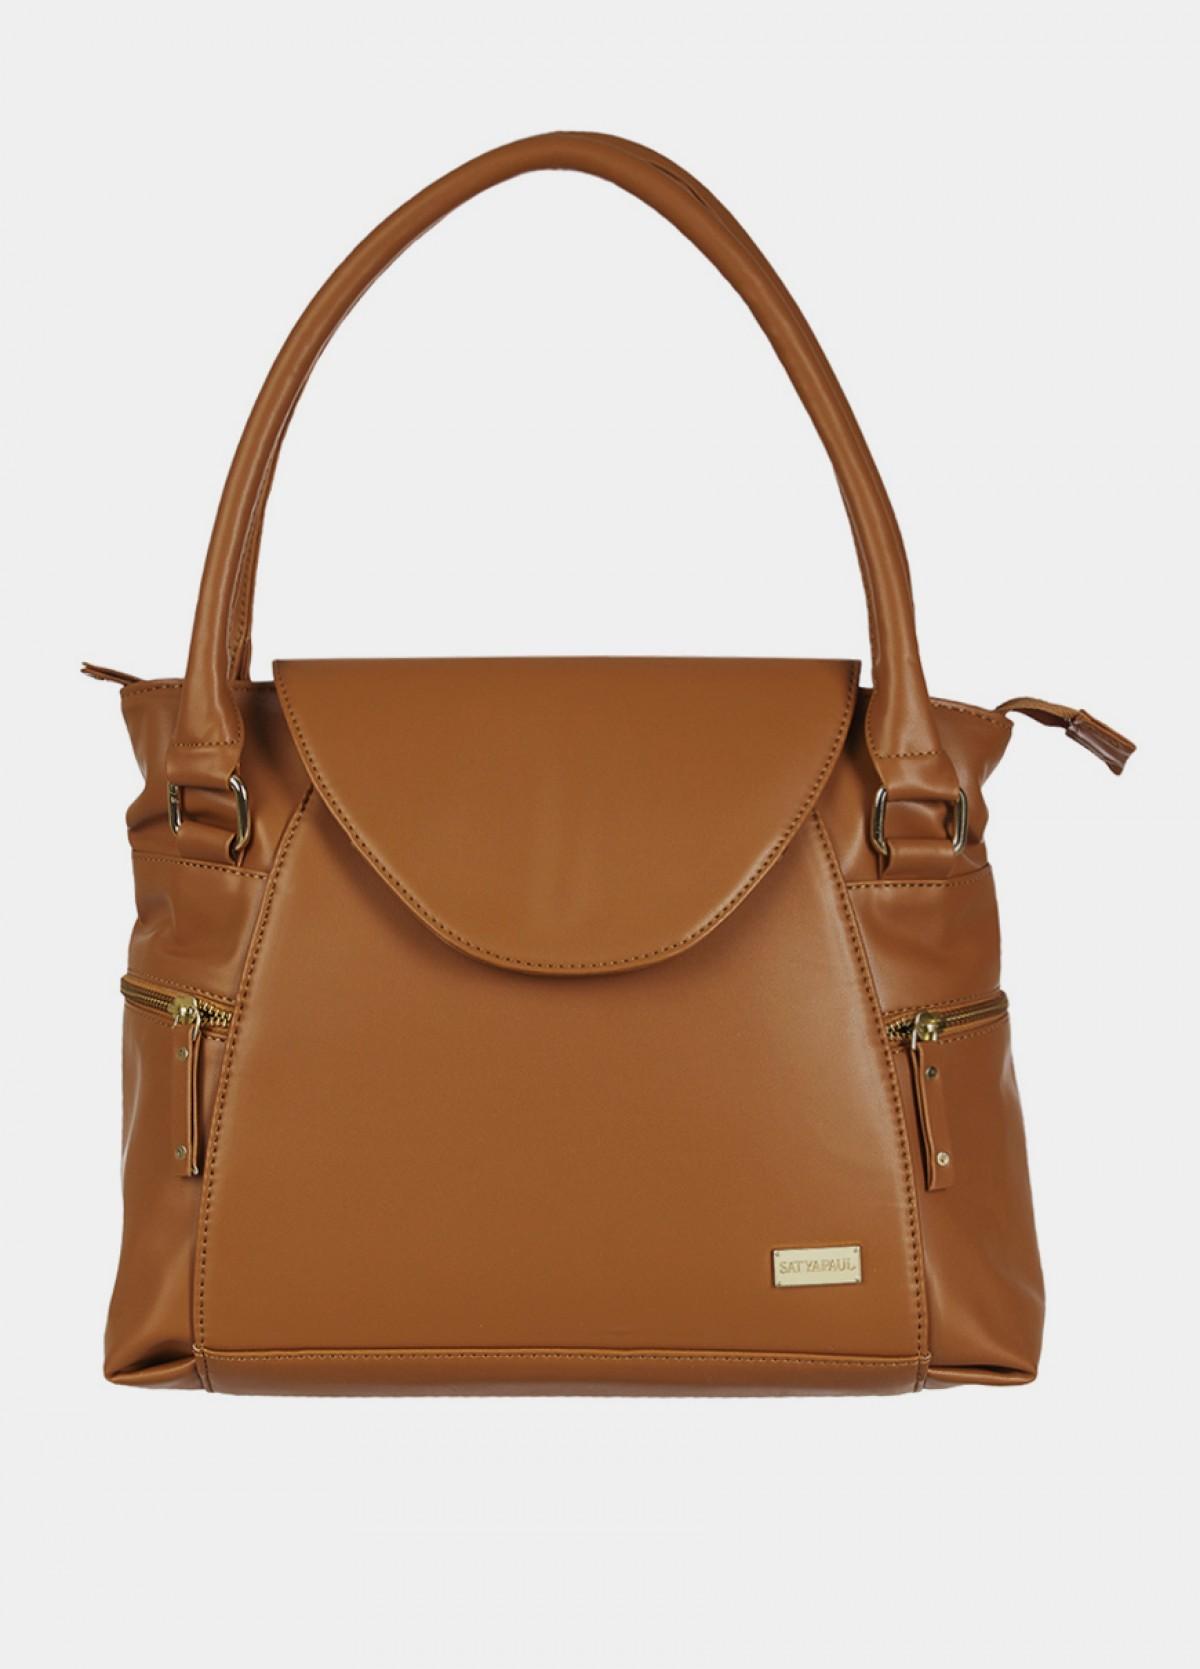 The Tan Shoulder Bag